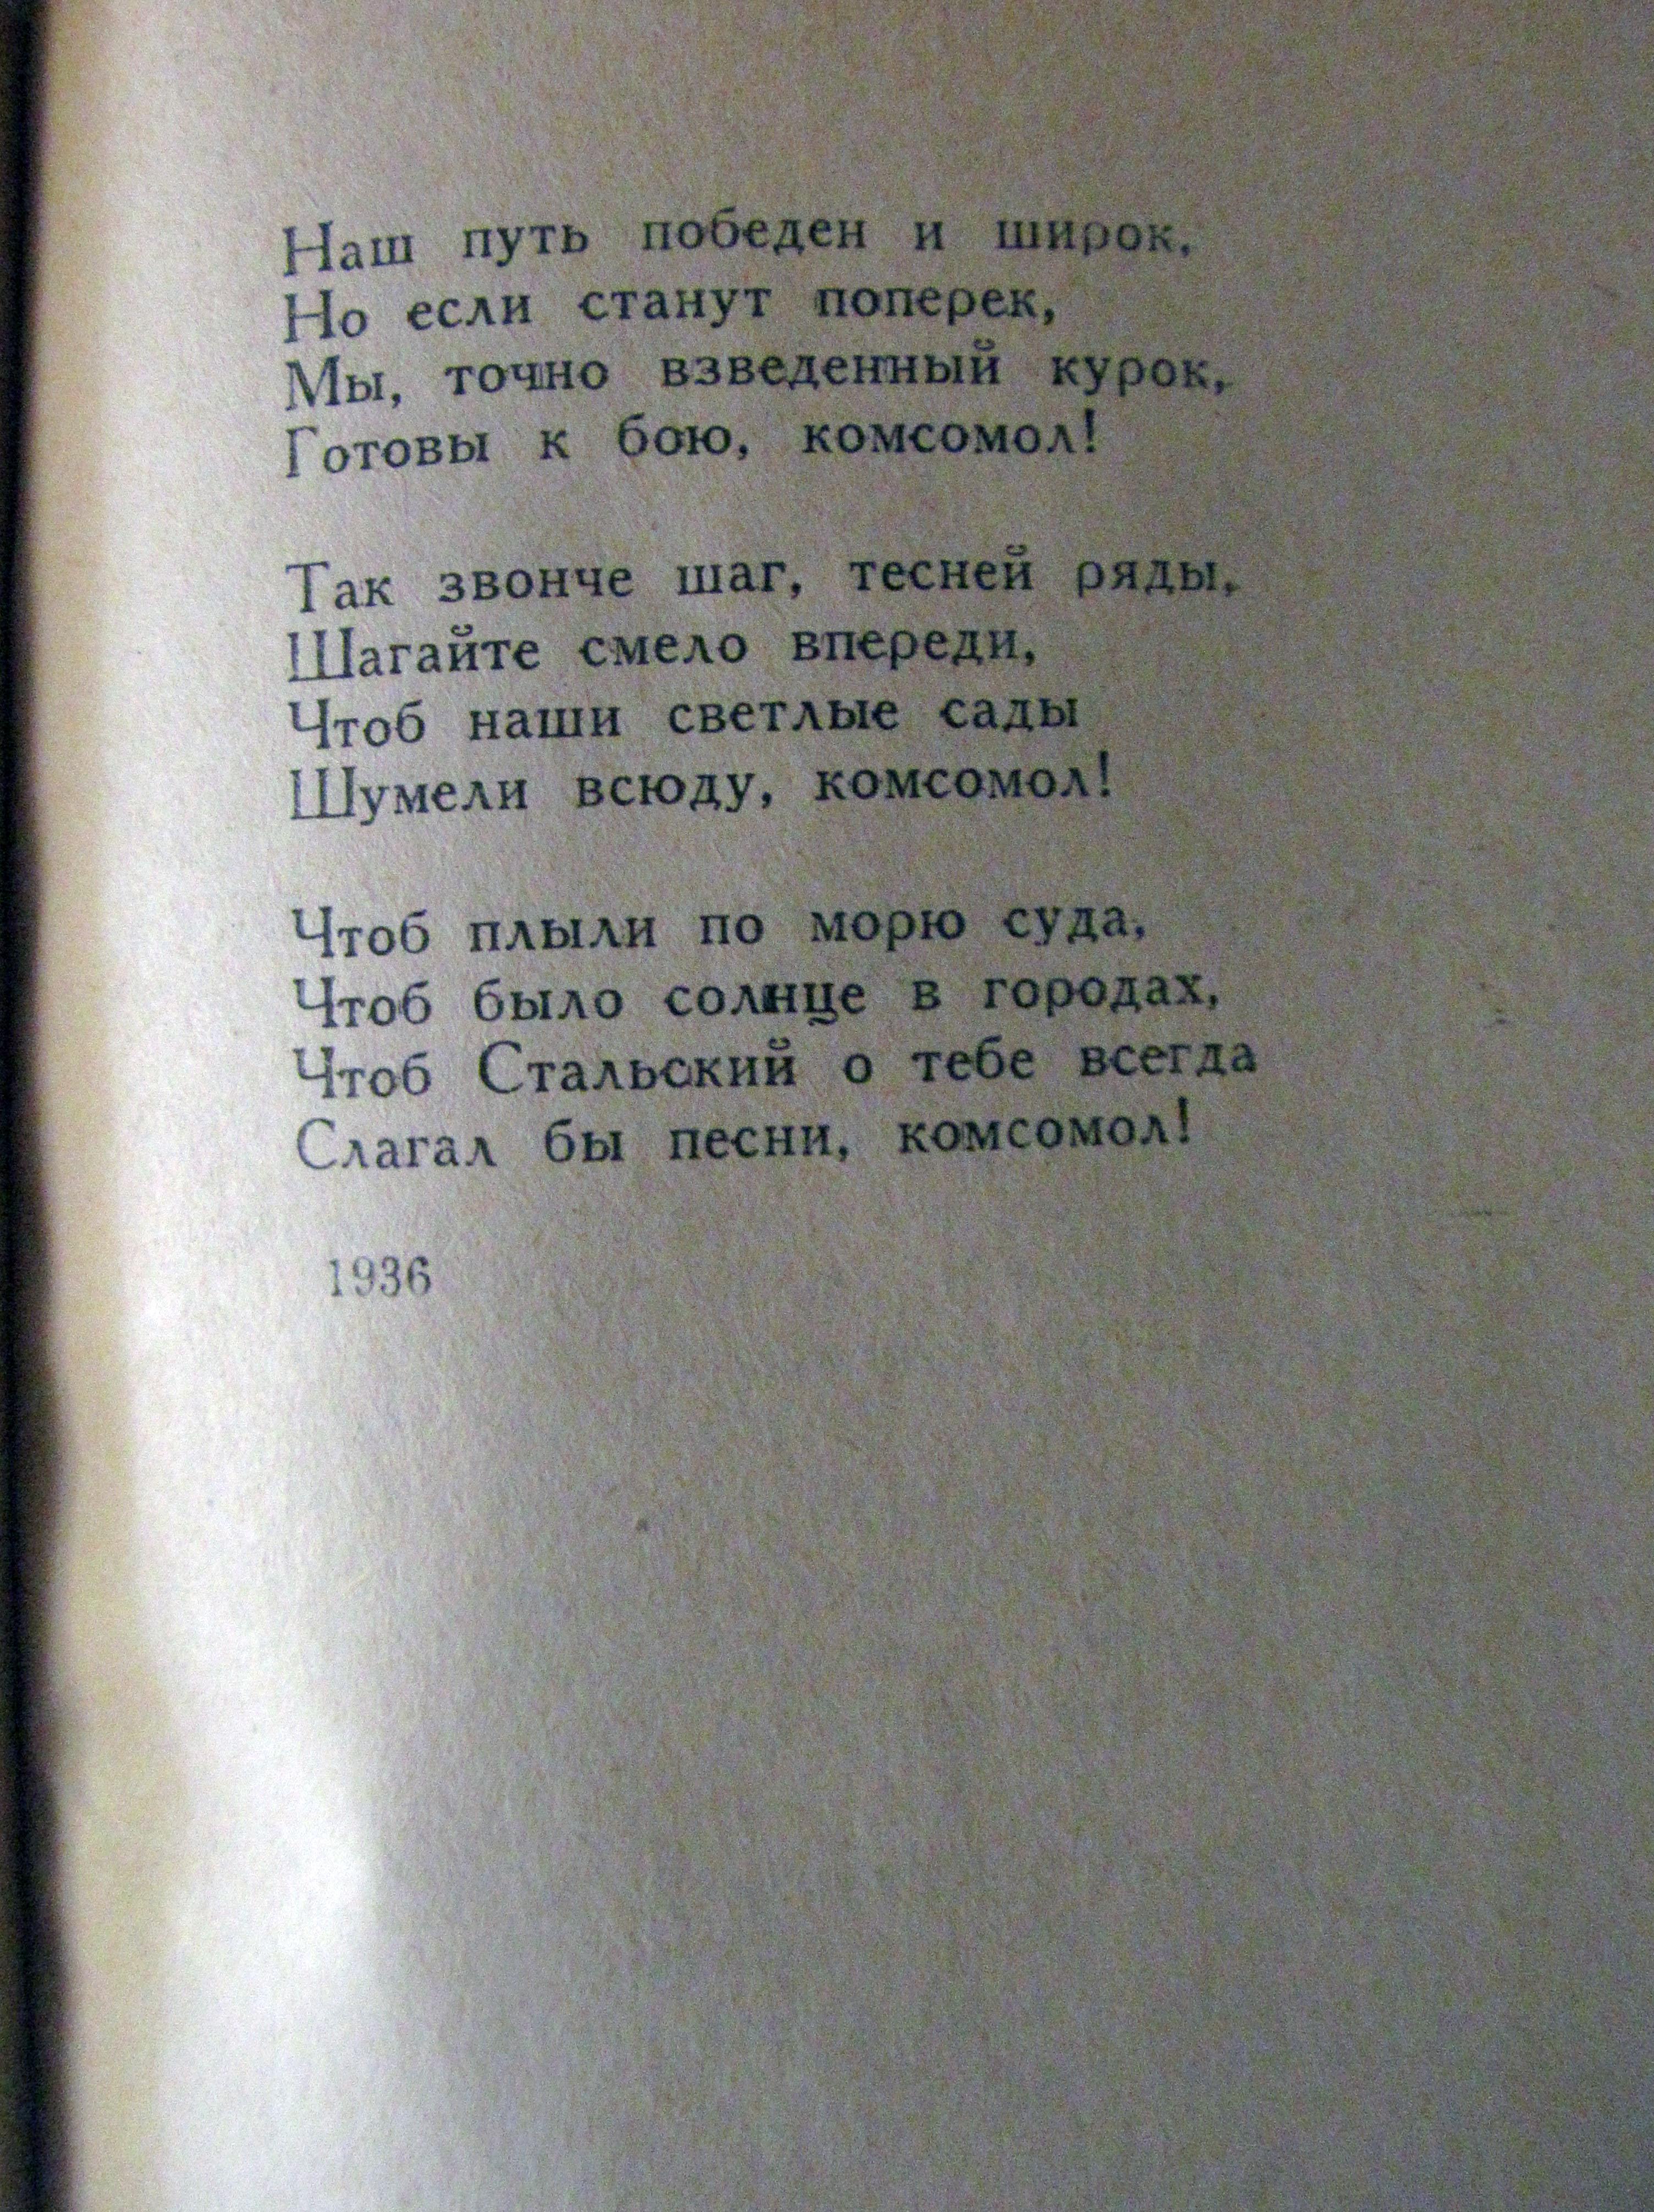 стихи сулеймана стальского большинстве